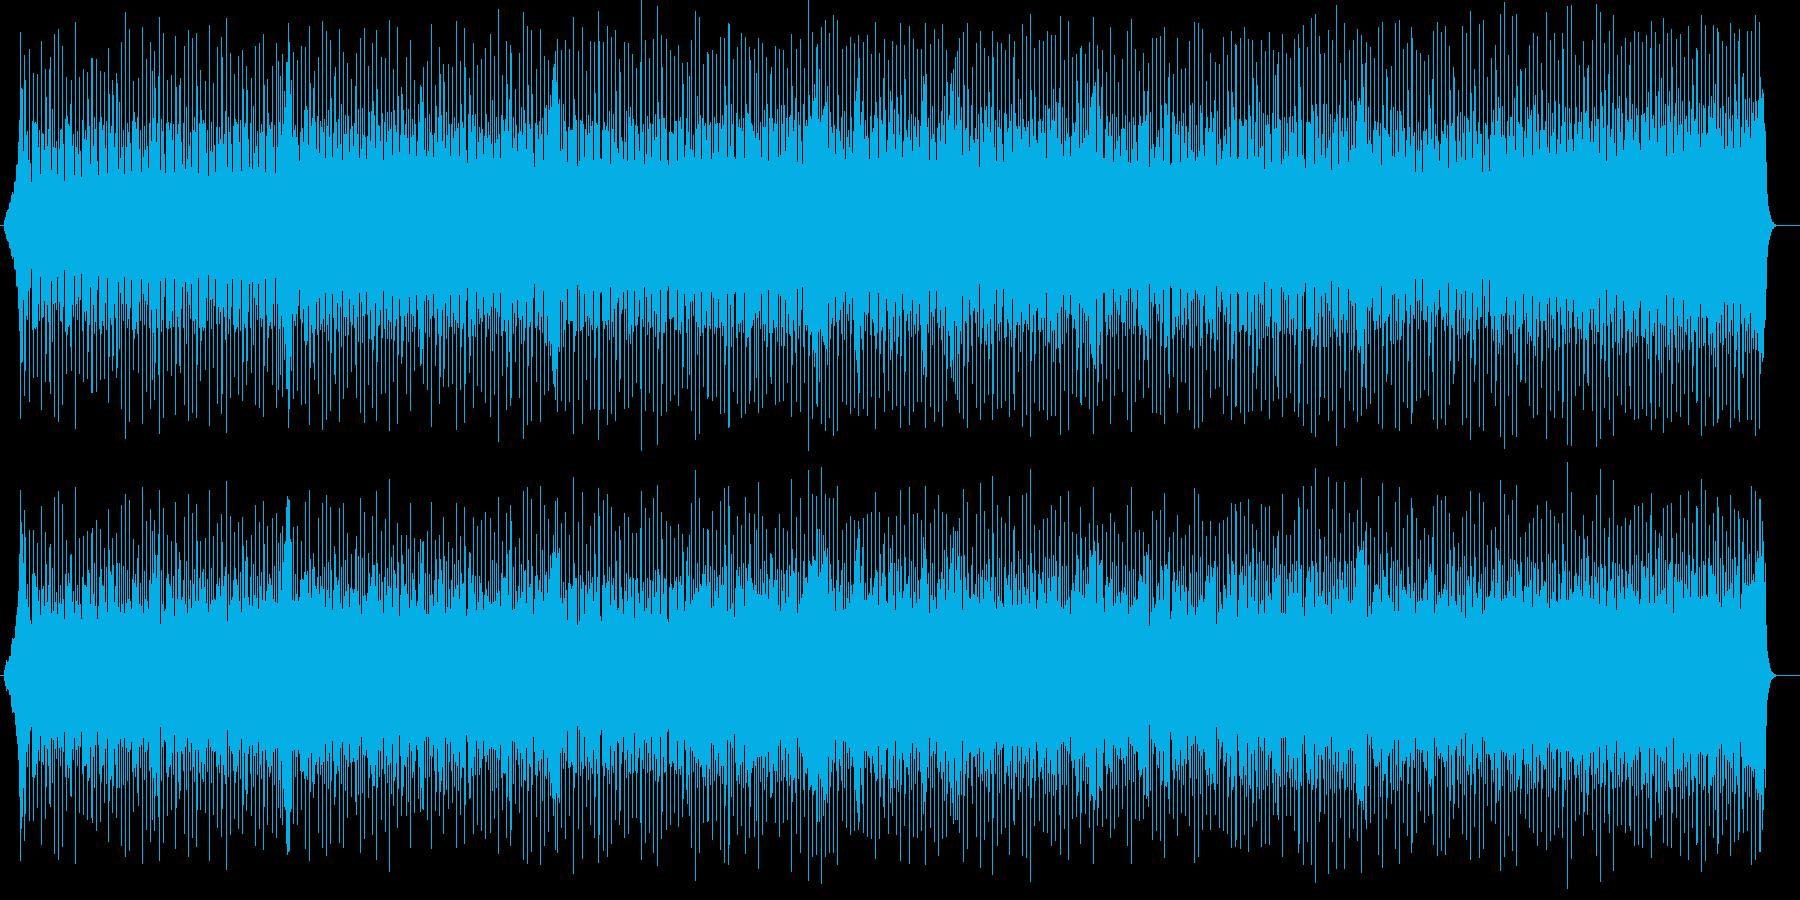 スタイリッシュなデジタルサウンドの再生済みの波形